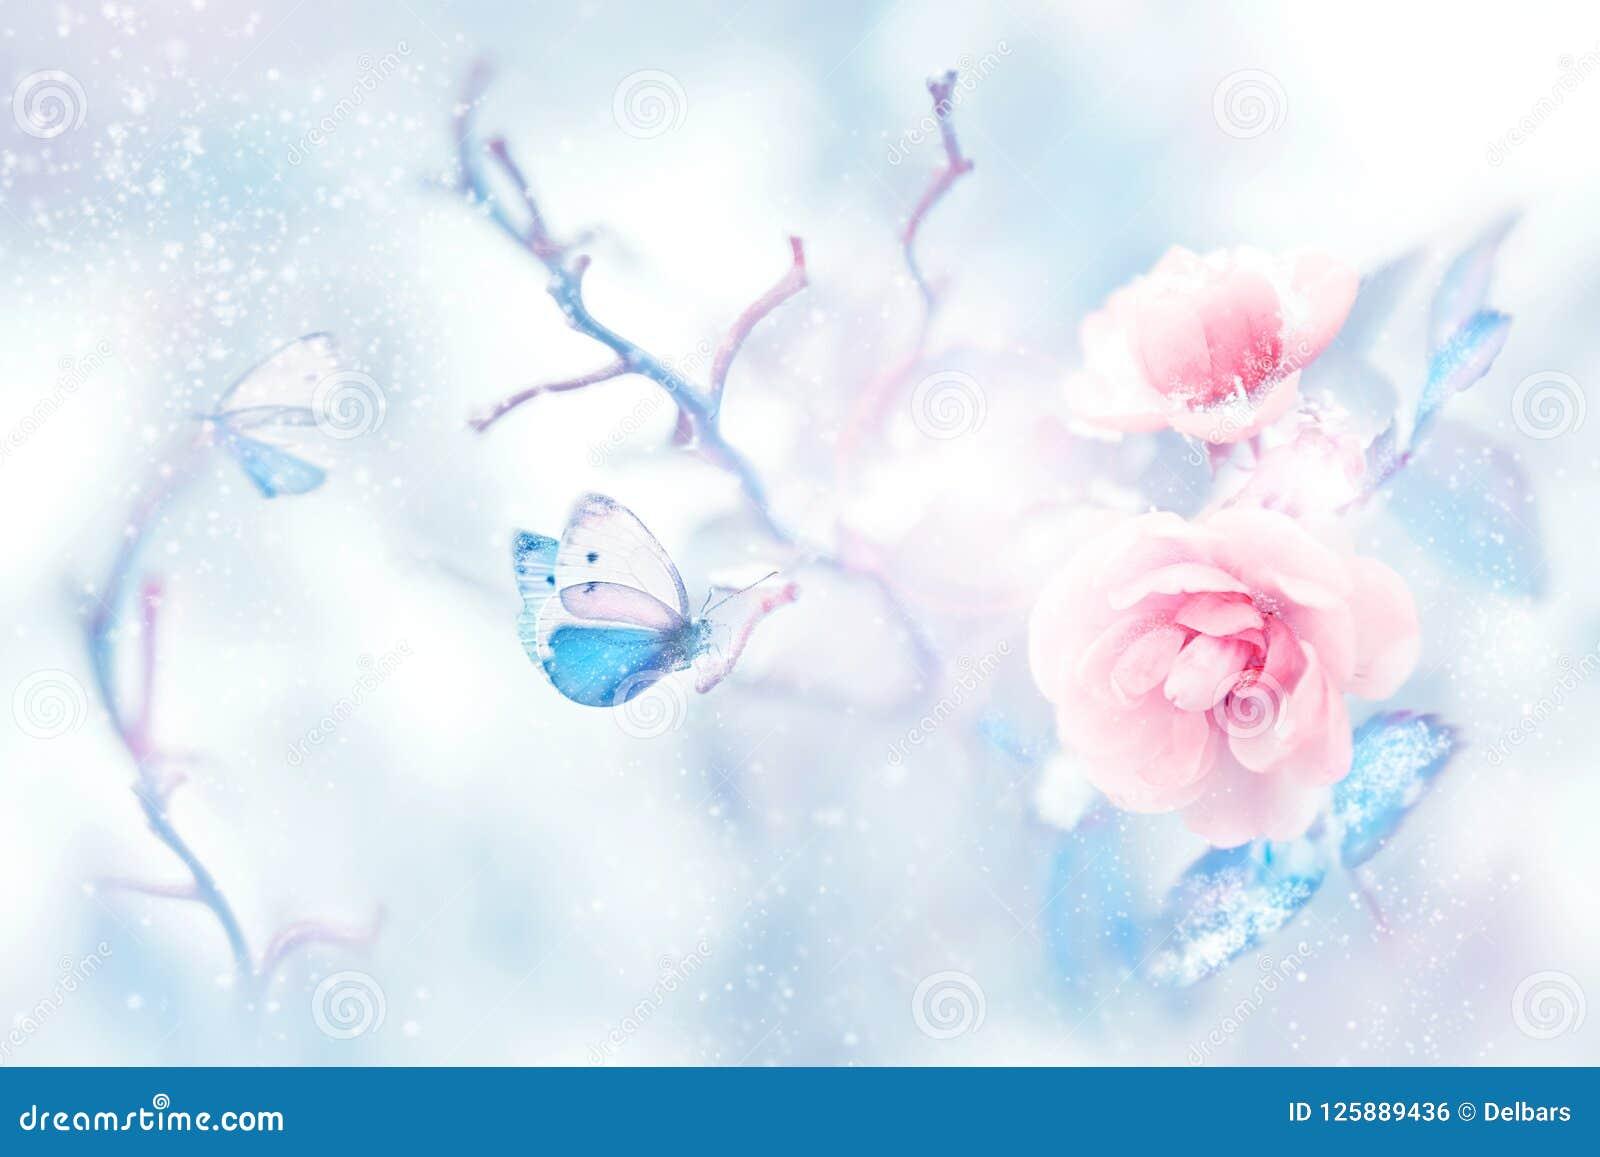 Μπλε πεταλούδα στο χιόνι στα ρόδινα τριαντάφυλλα σε έναν κήπο νεράιδων Καλλιτεχνική εικόνα Χριστουγέννων